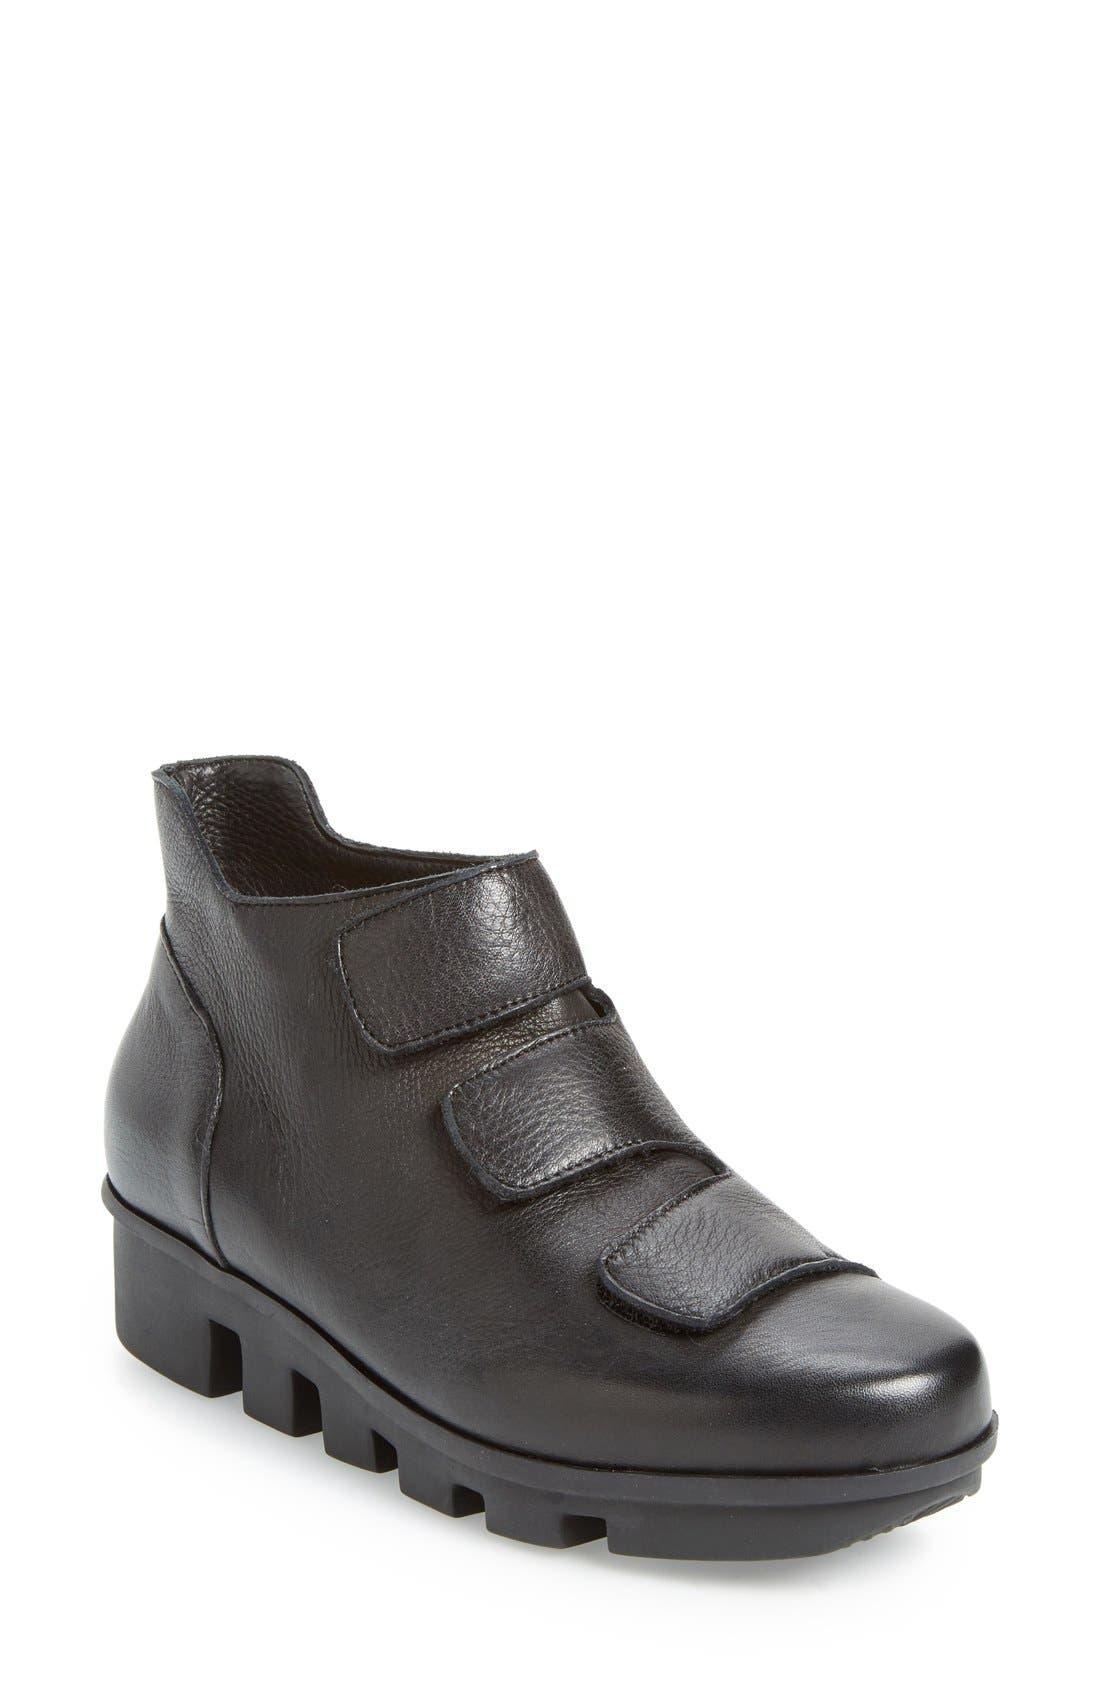 L'AMOUR DES PIEDS 'Harmonee' Sneaker, Main, color, 001